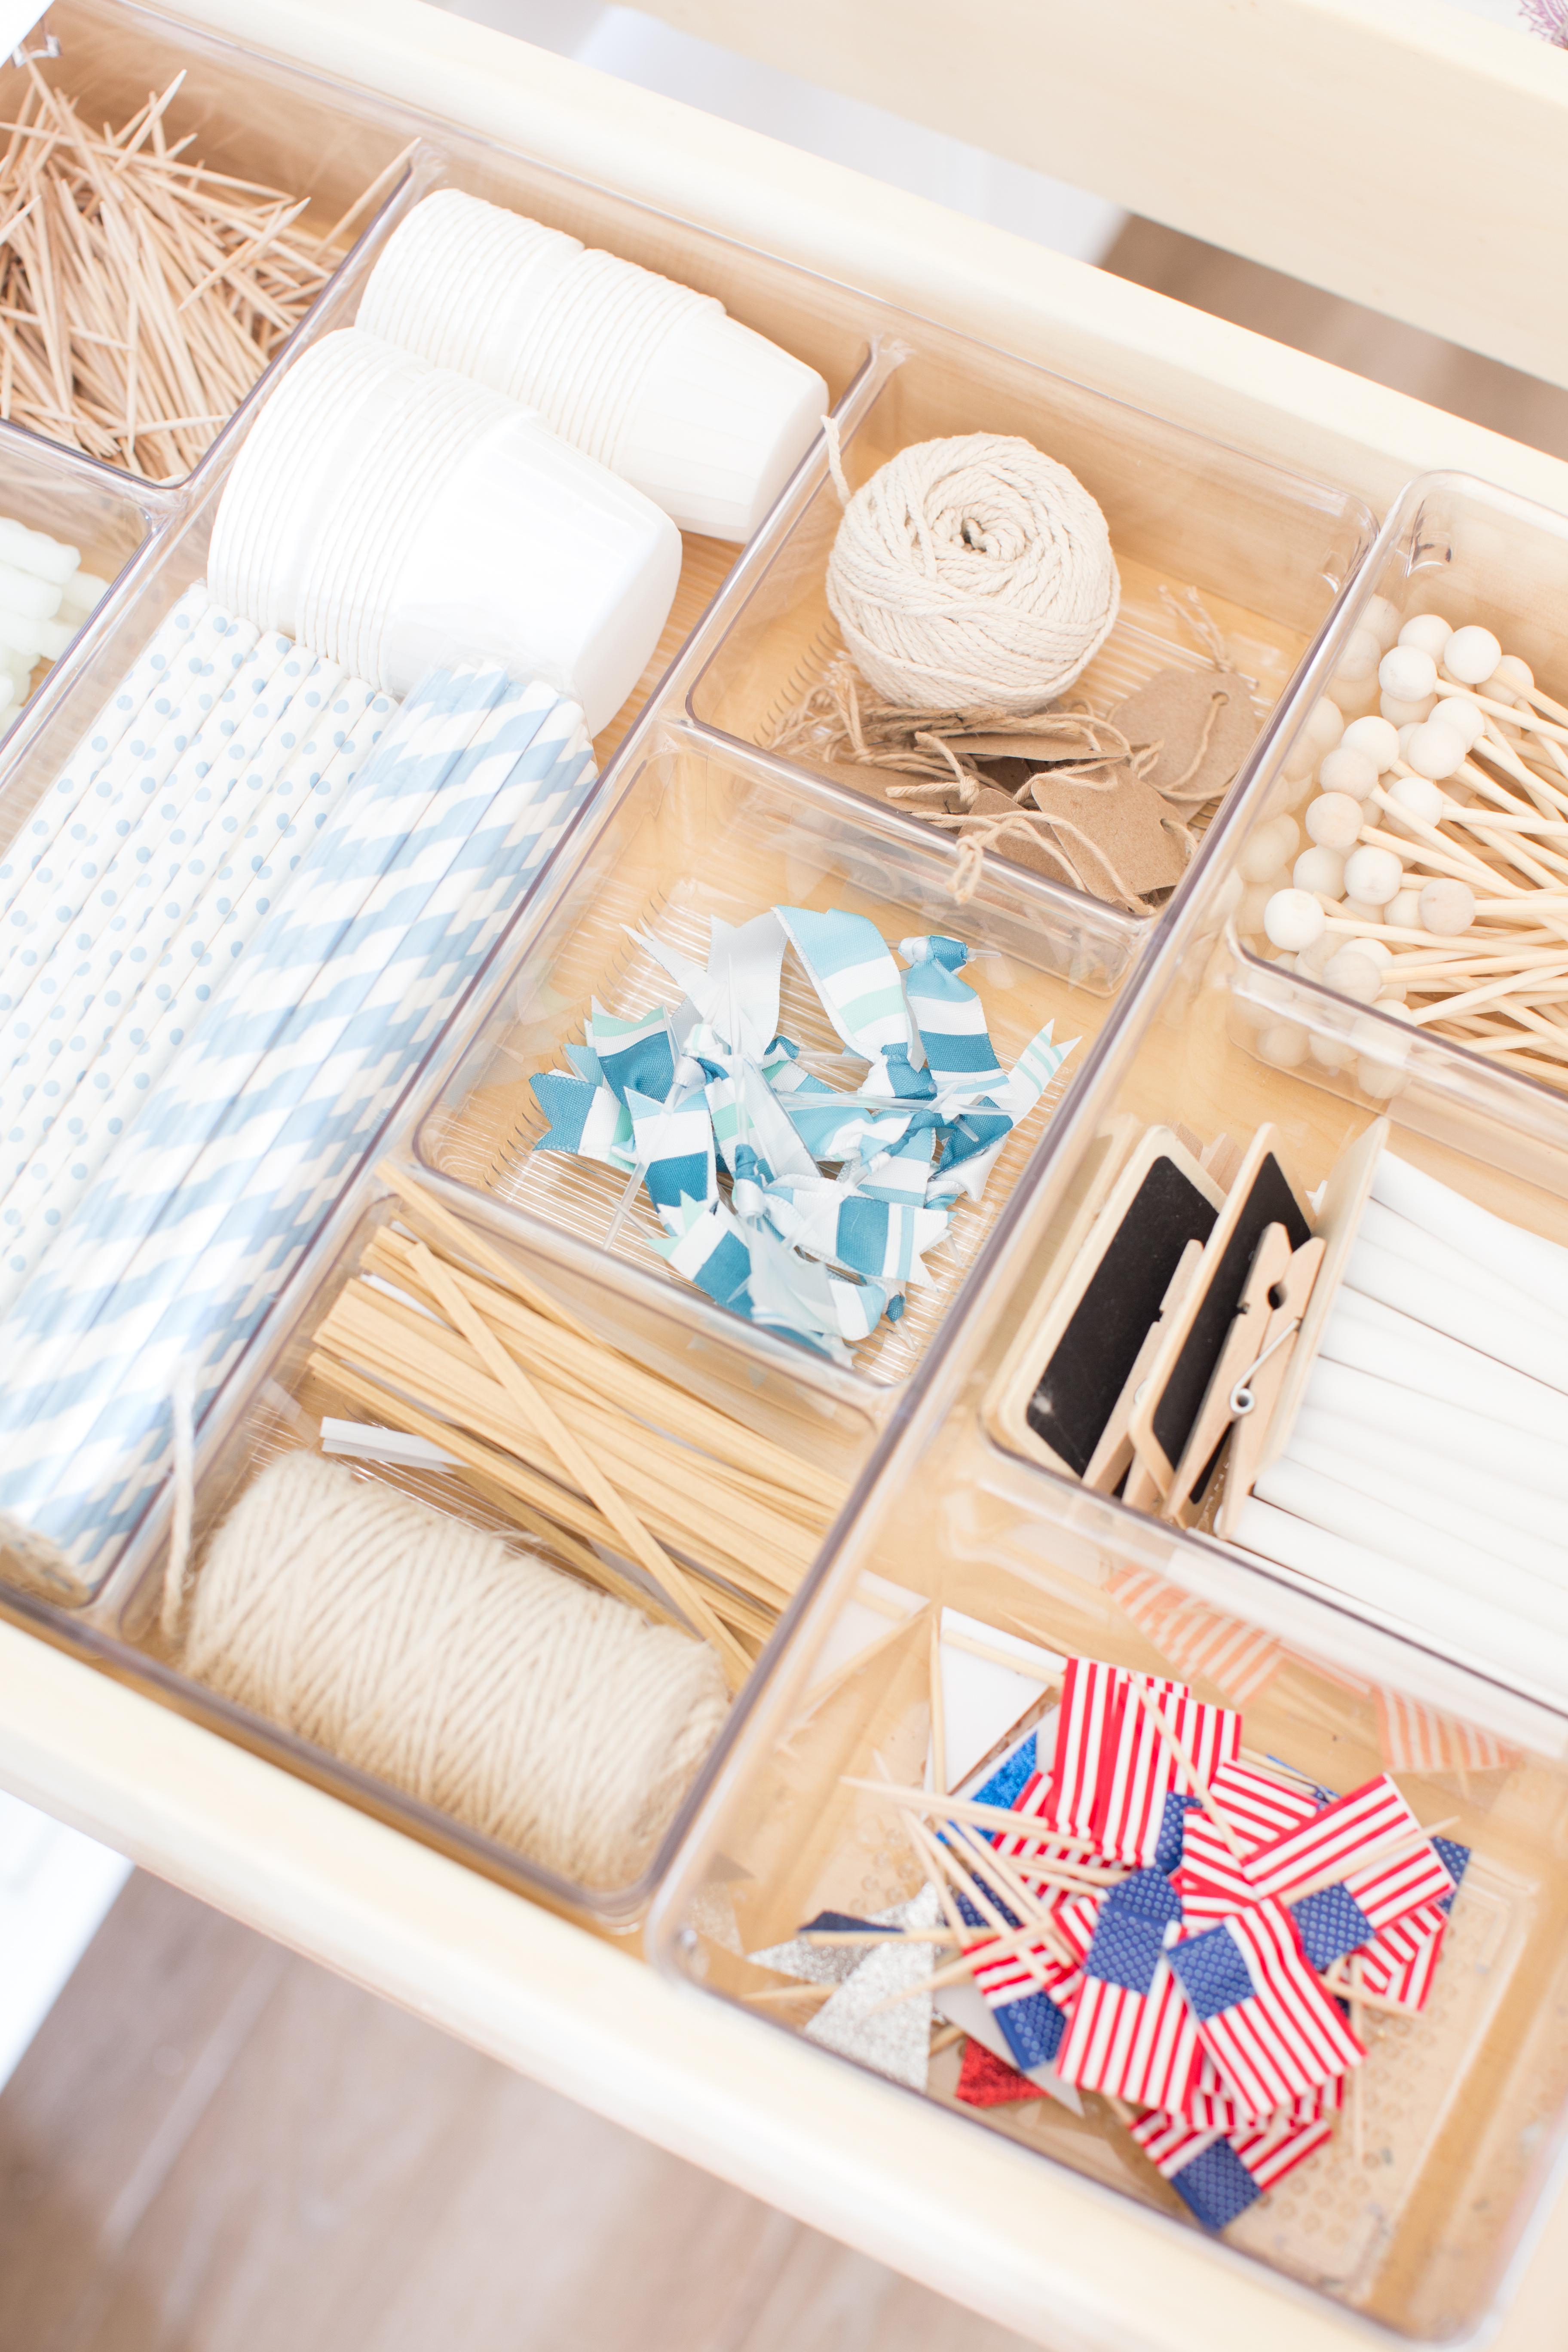 Organize Your Kitchen Drawers With Kitchen Drawer Organization Ideas